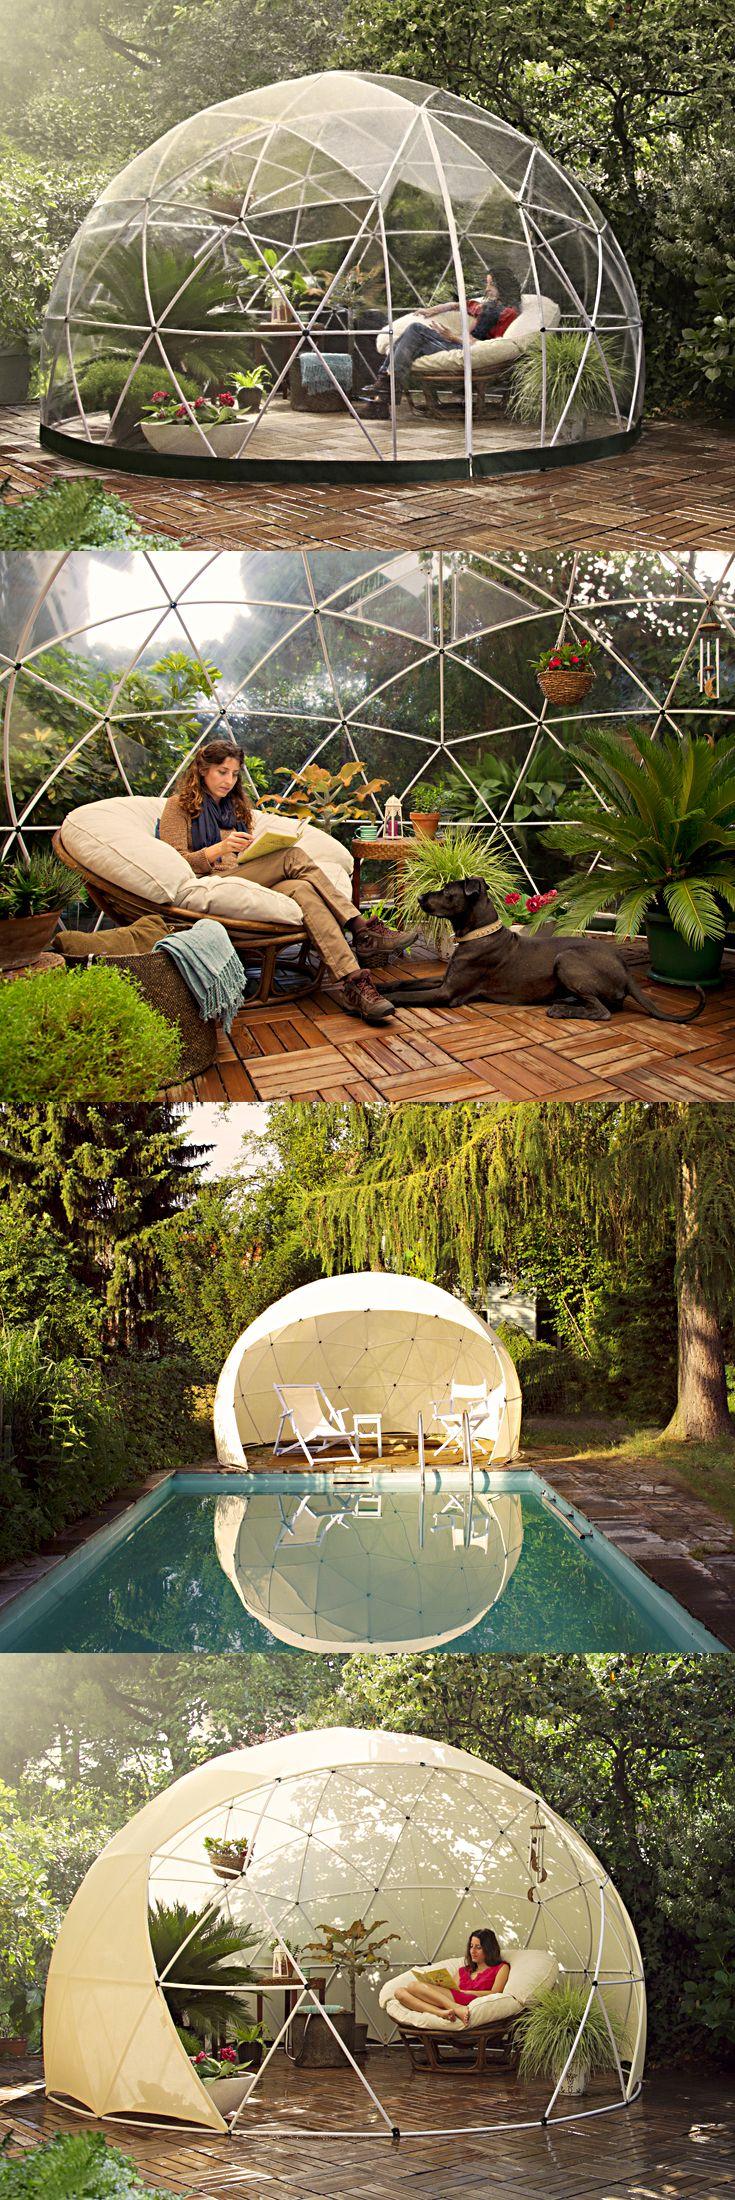 La Garden Iglo forlenge sommeren for deg. Liker du lyden av regn på tak kommer du garantert til å elske denne! Hva med en romantisk aften under stjernene når høstkveldene blir kalde?